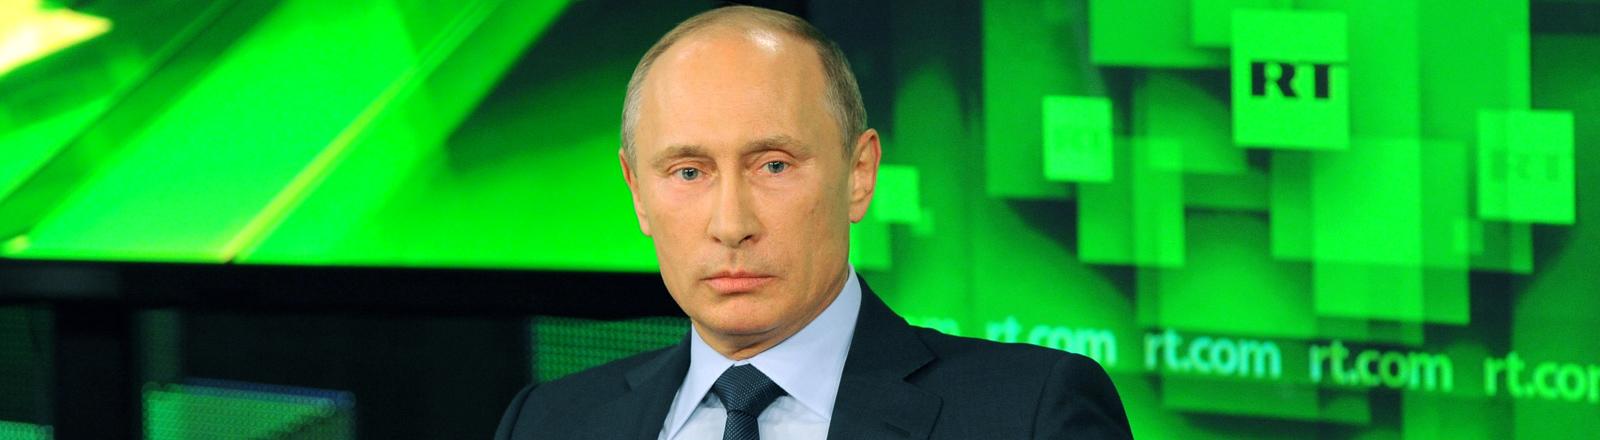 Der russische Präsident Wladimir Putin sitzt im Studio des russischen Auslandssenders Russia Today der seit Anfang November 2014 auch auf Deutsch sendet.